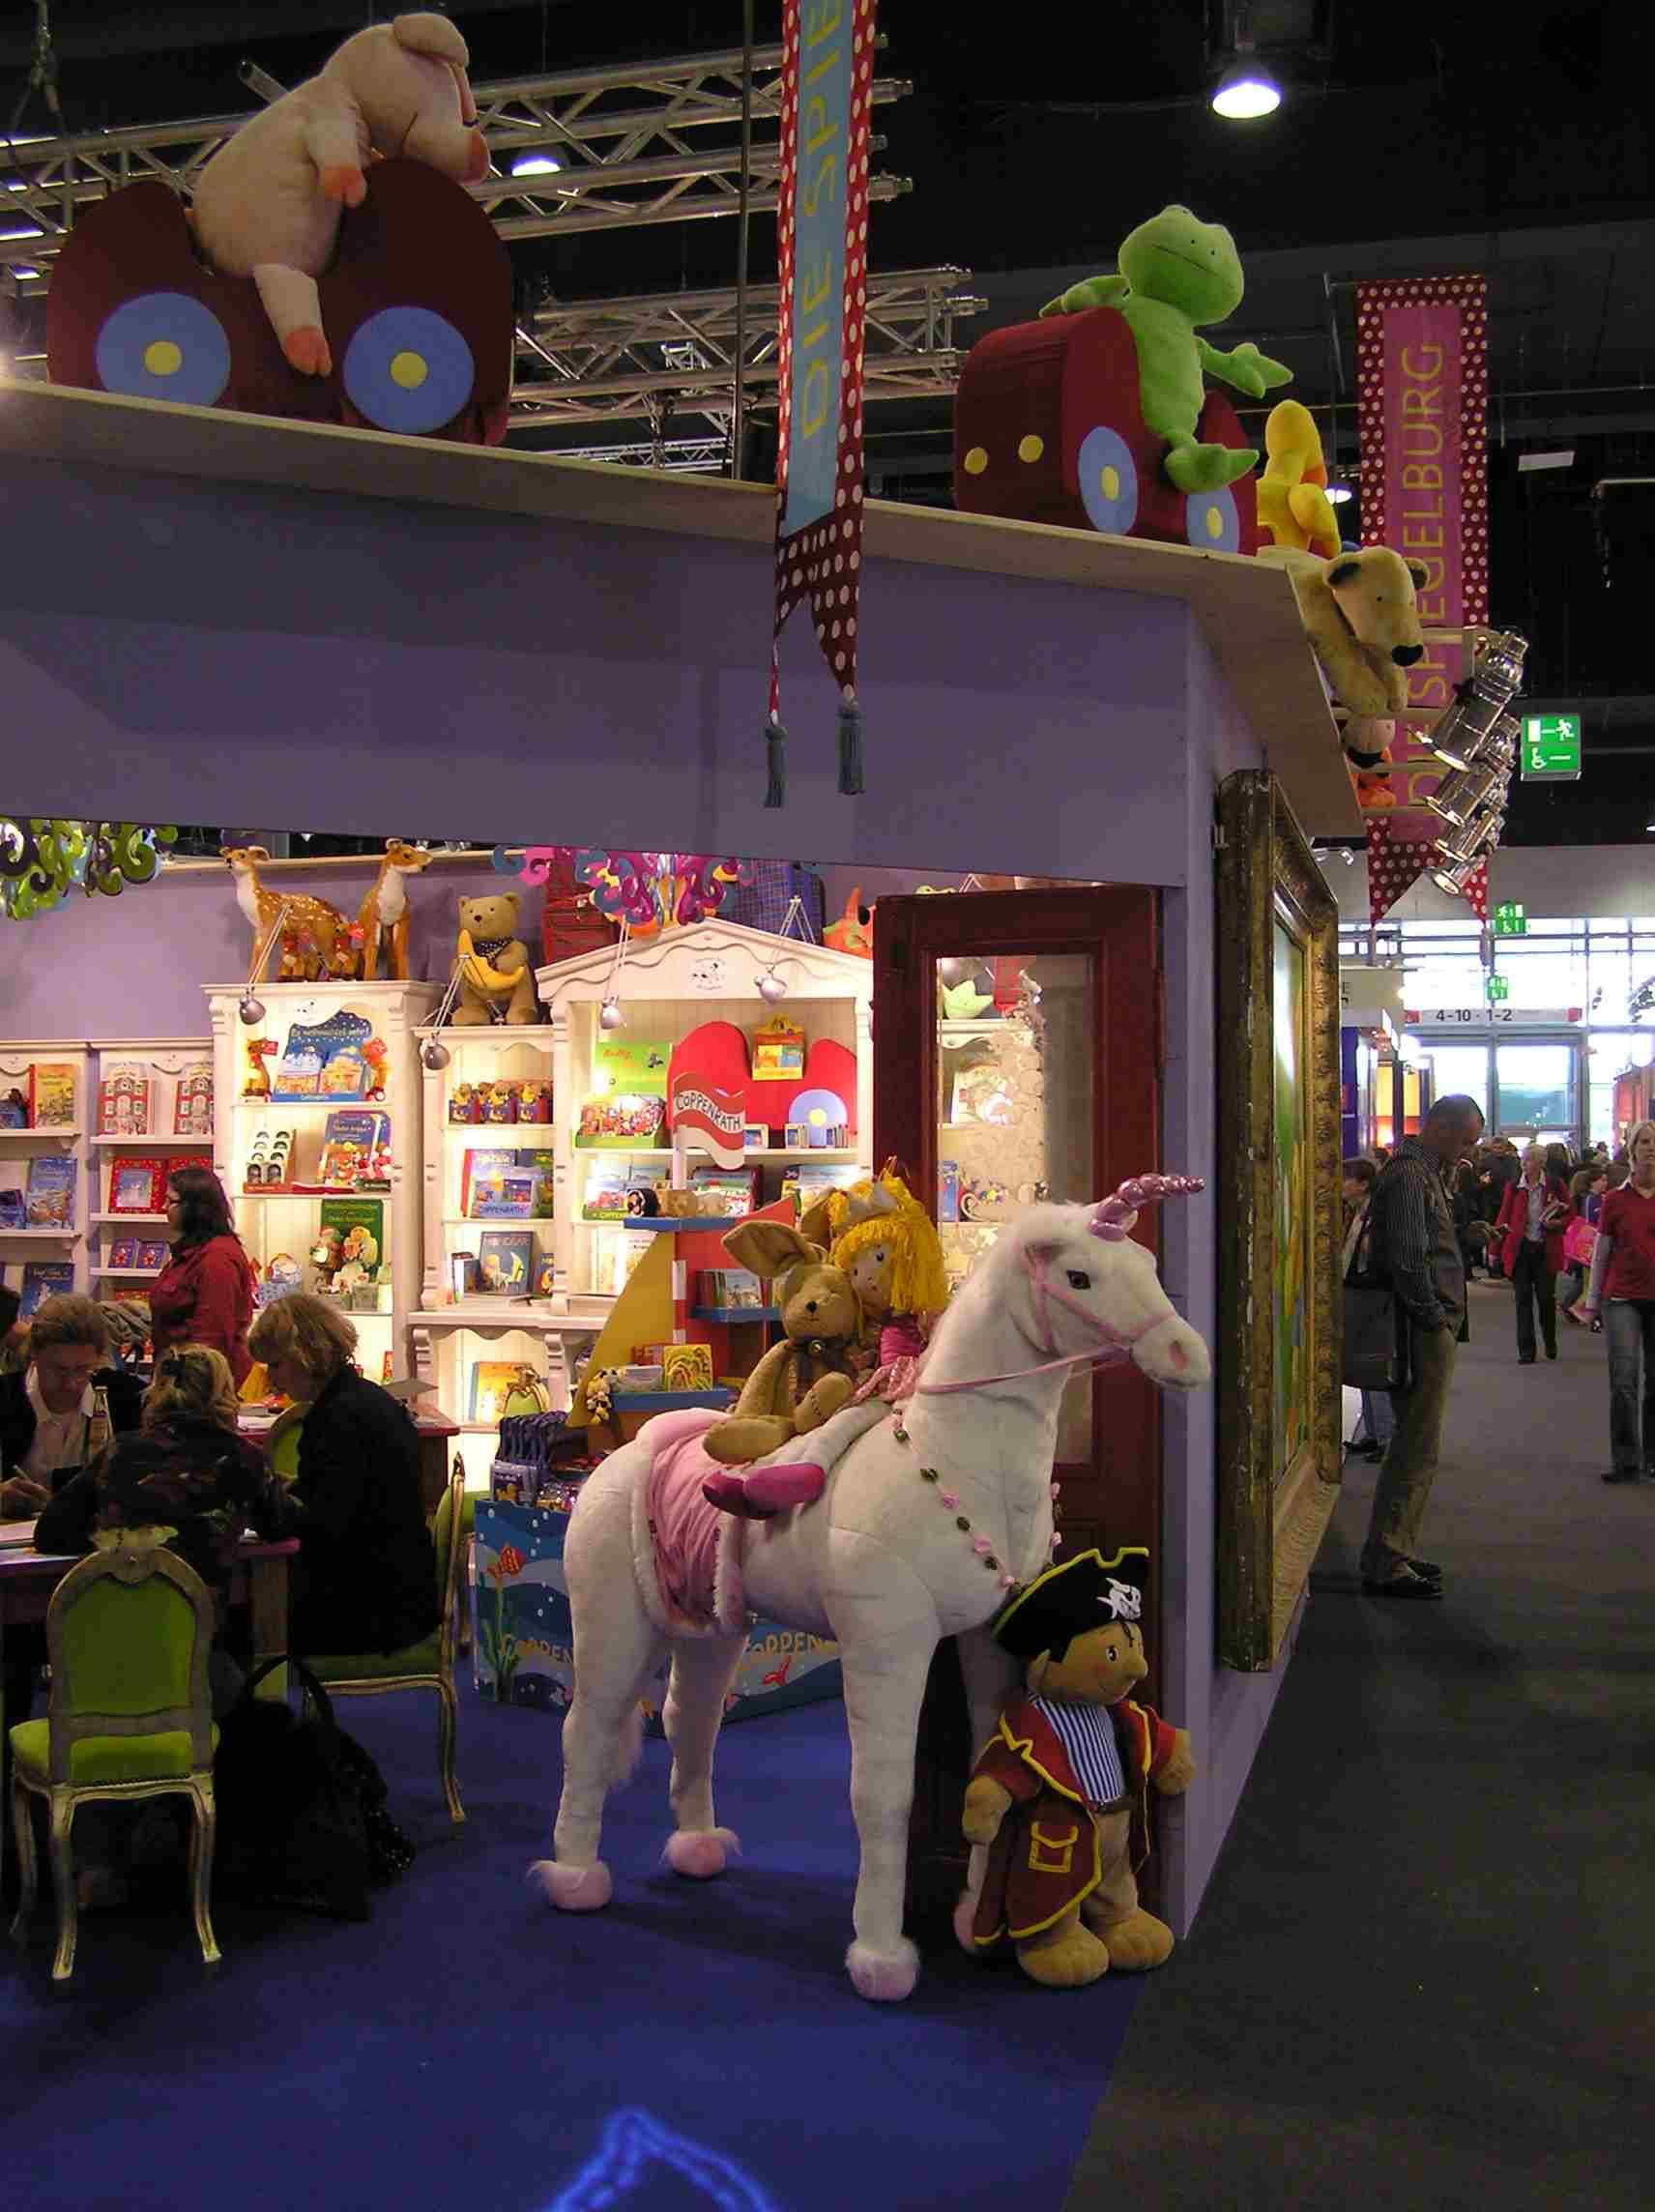 Obr. 1: Frankfurtský knižní veletrh letos navštívilo, asi i kvůli páteční stávce železničářů, o něco méně návštěvníků než loni, ale lidí tam bylo i tak dost (dohromady prý 283 293).  Způsoby, kterými se všech 7 448 vystavovatelů snažilo přilákat návštěvníky, byly nejrůznější:  oblíbeným prostředkem jsou například maskoti: v tomto stánku bylo zvířat možná více než knih, bájný jednorožec sloužil jako průvodce do zcela jiného, pohádkového světa.